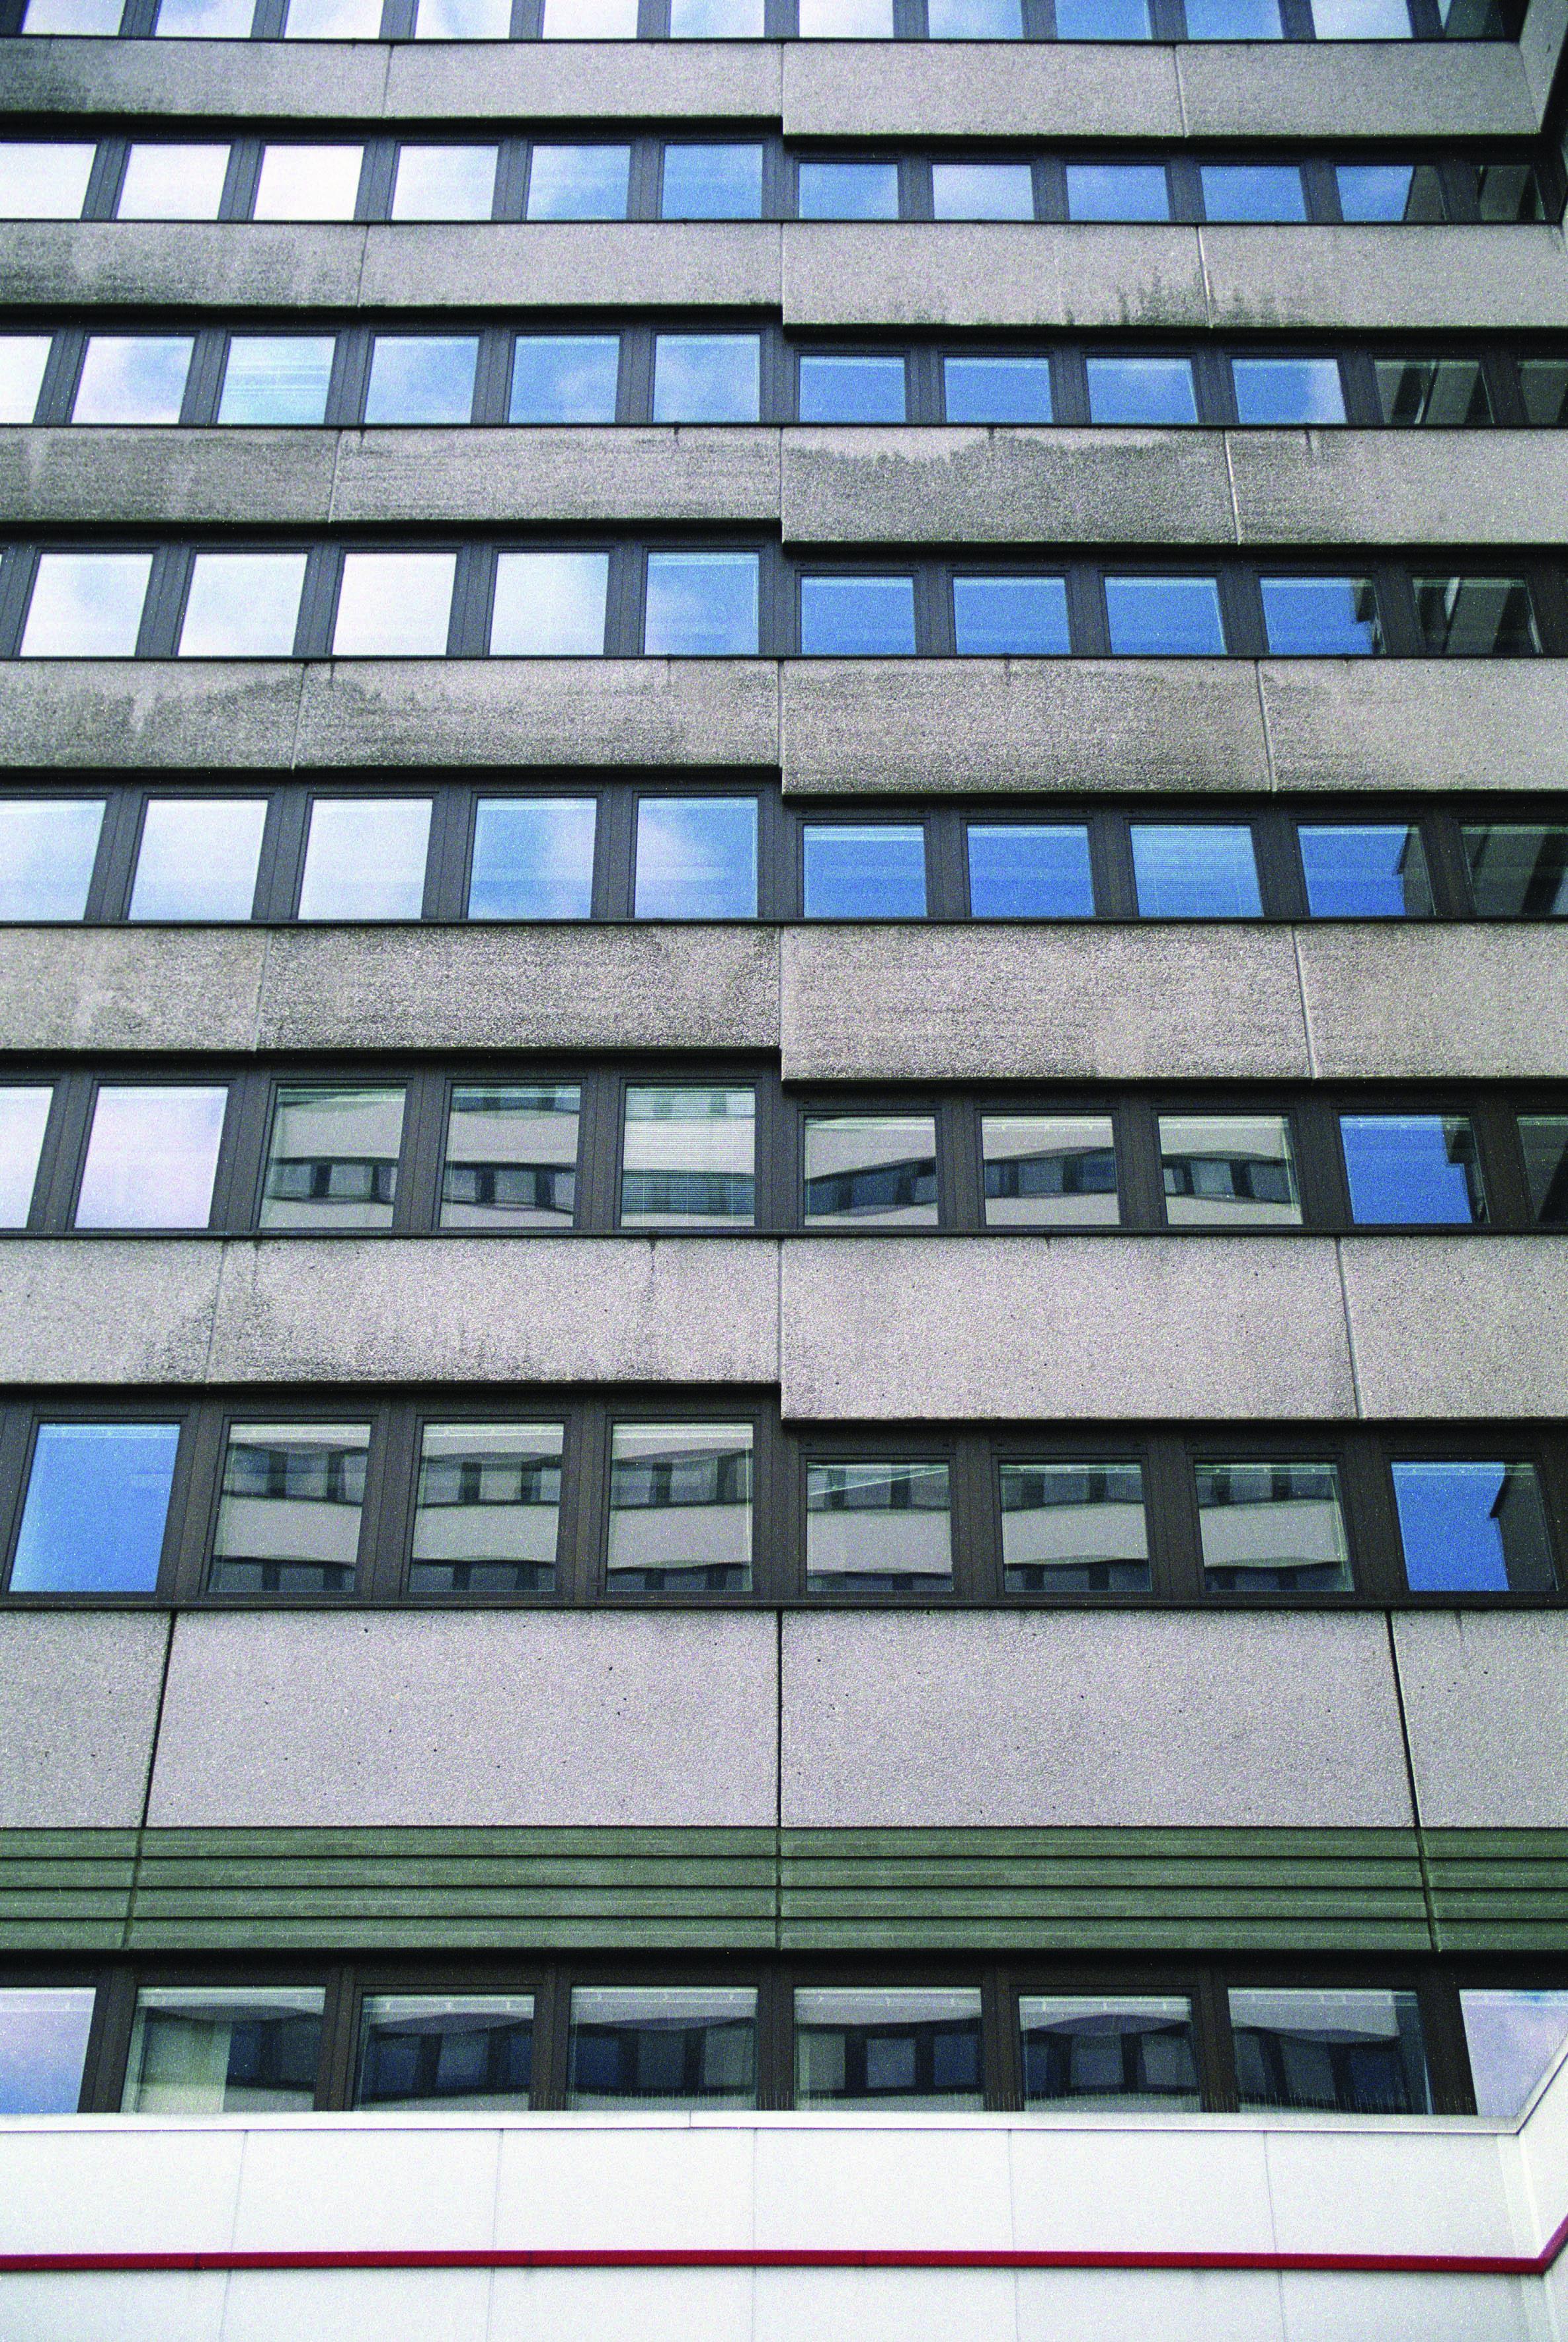 FassadenstoerungKVB.jpg